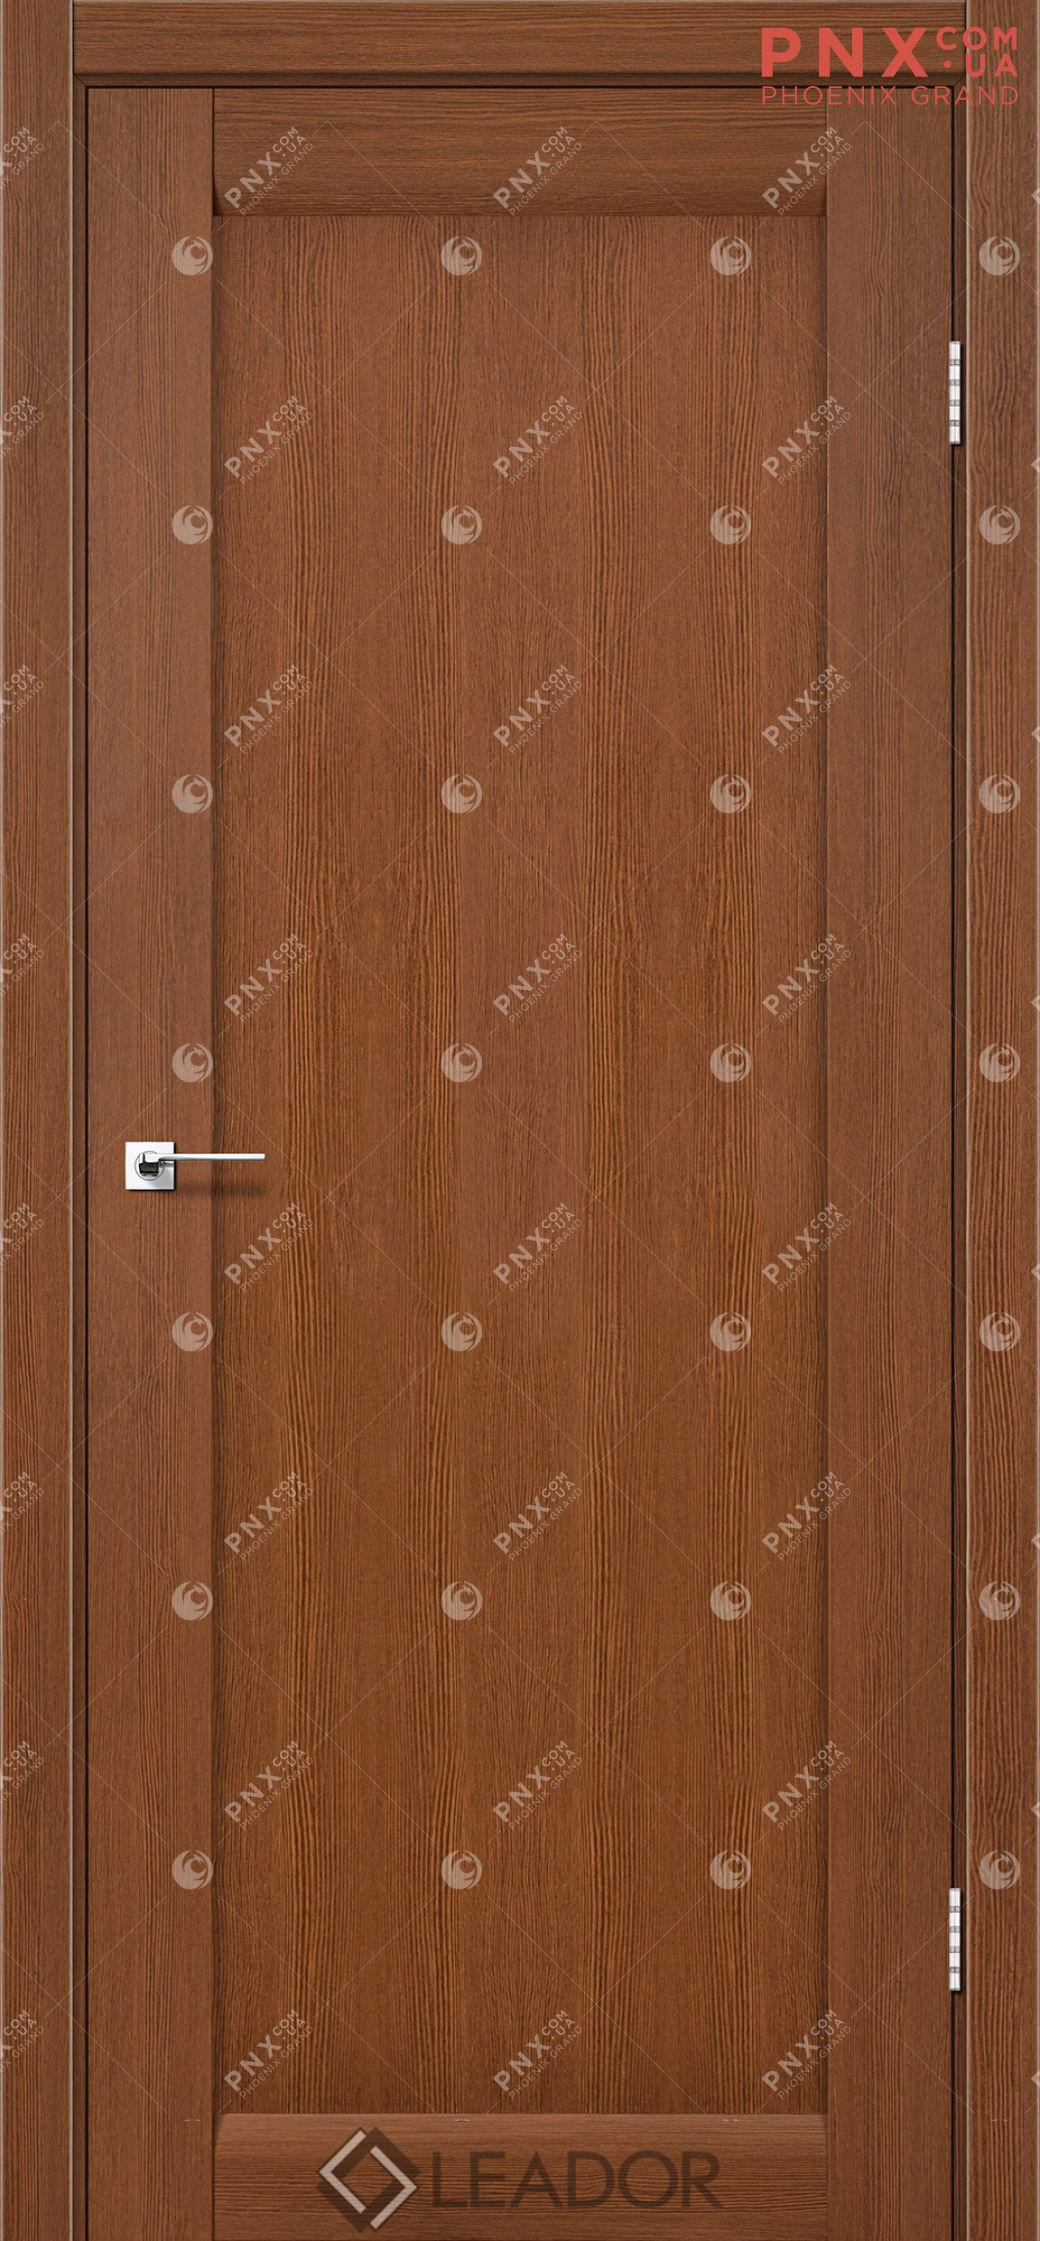 Межкомнатная дверь LEADOR Bavaria, Браун, Глухое